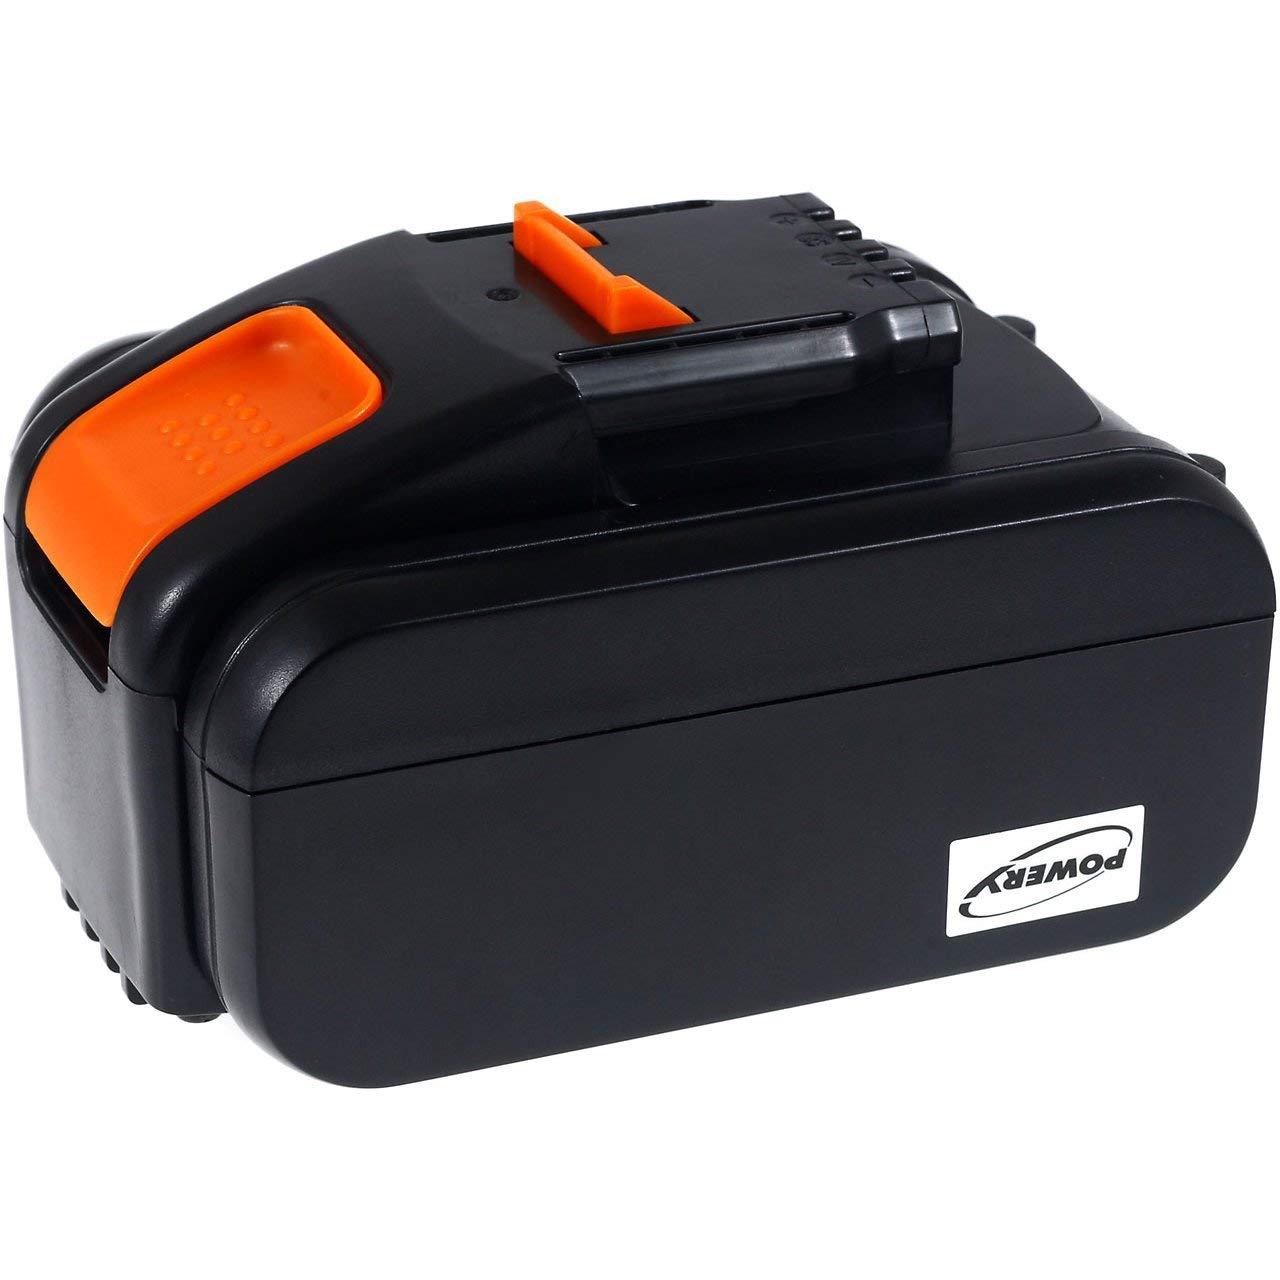 controlla il più economico POWERY® Batteria alta potenza potenza potenza per trapano senza filo Worx WX166.2  qualità ufficiale